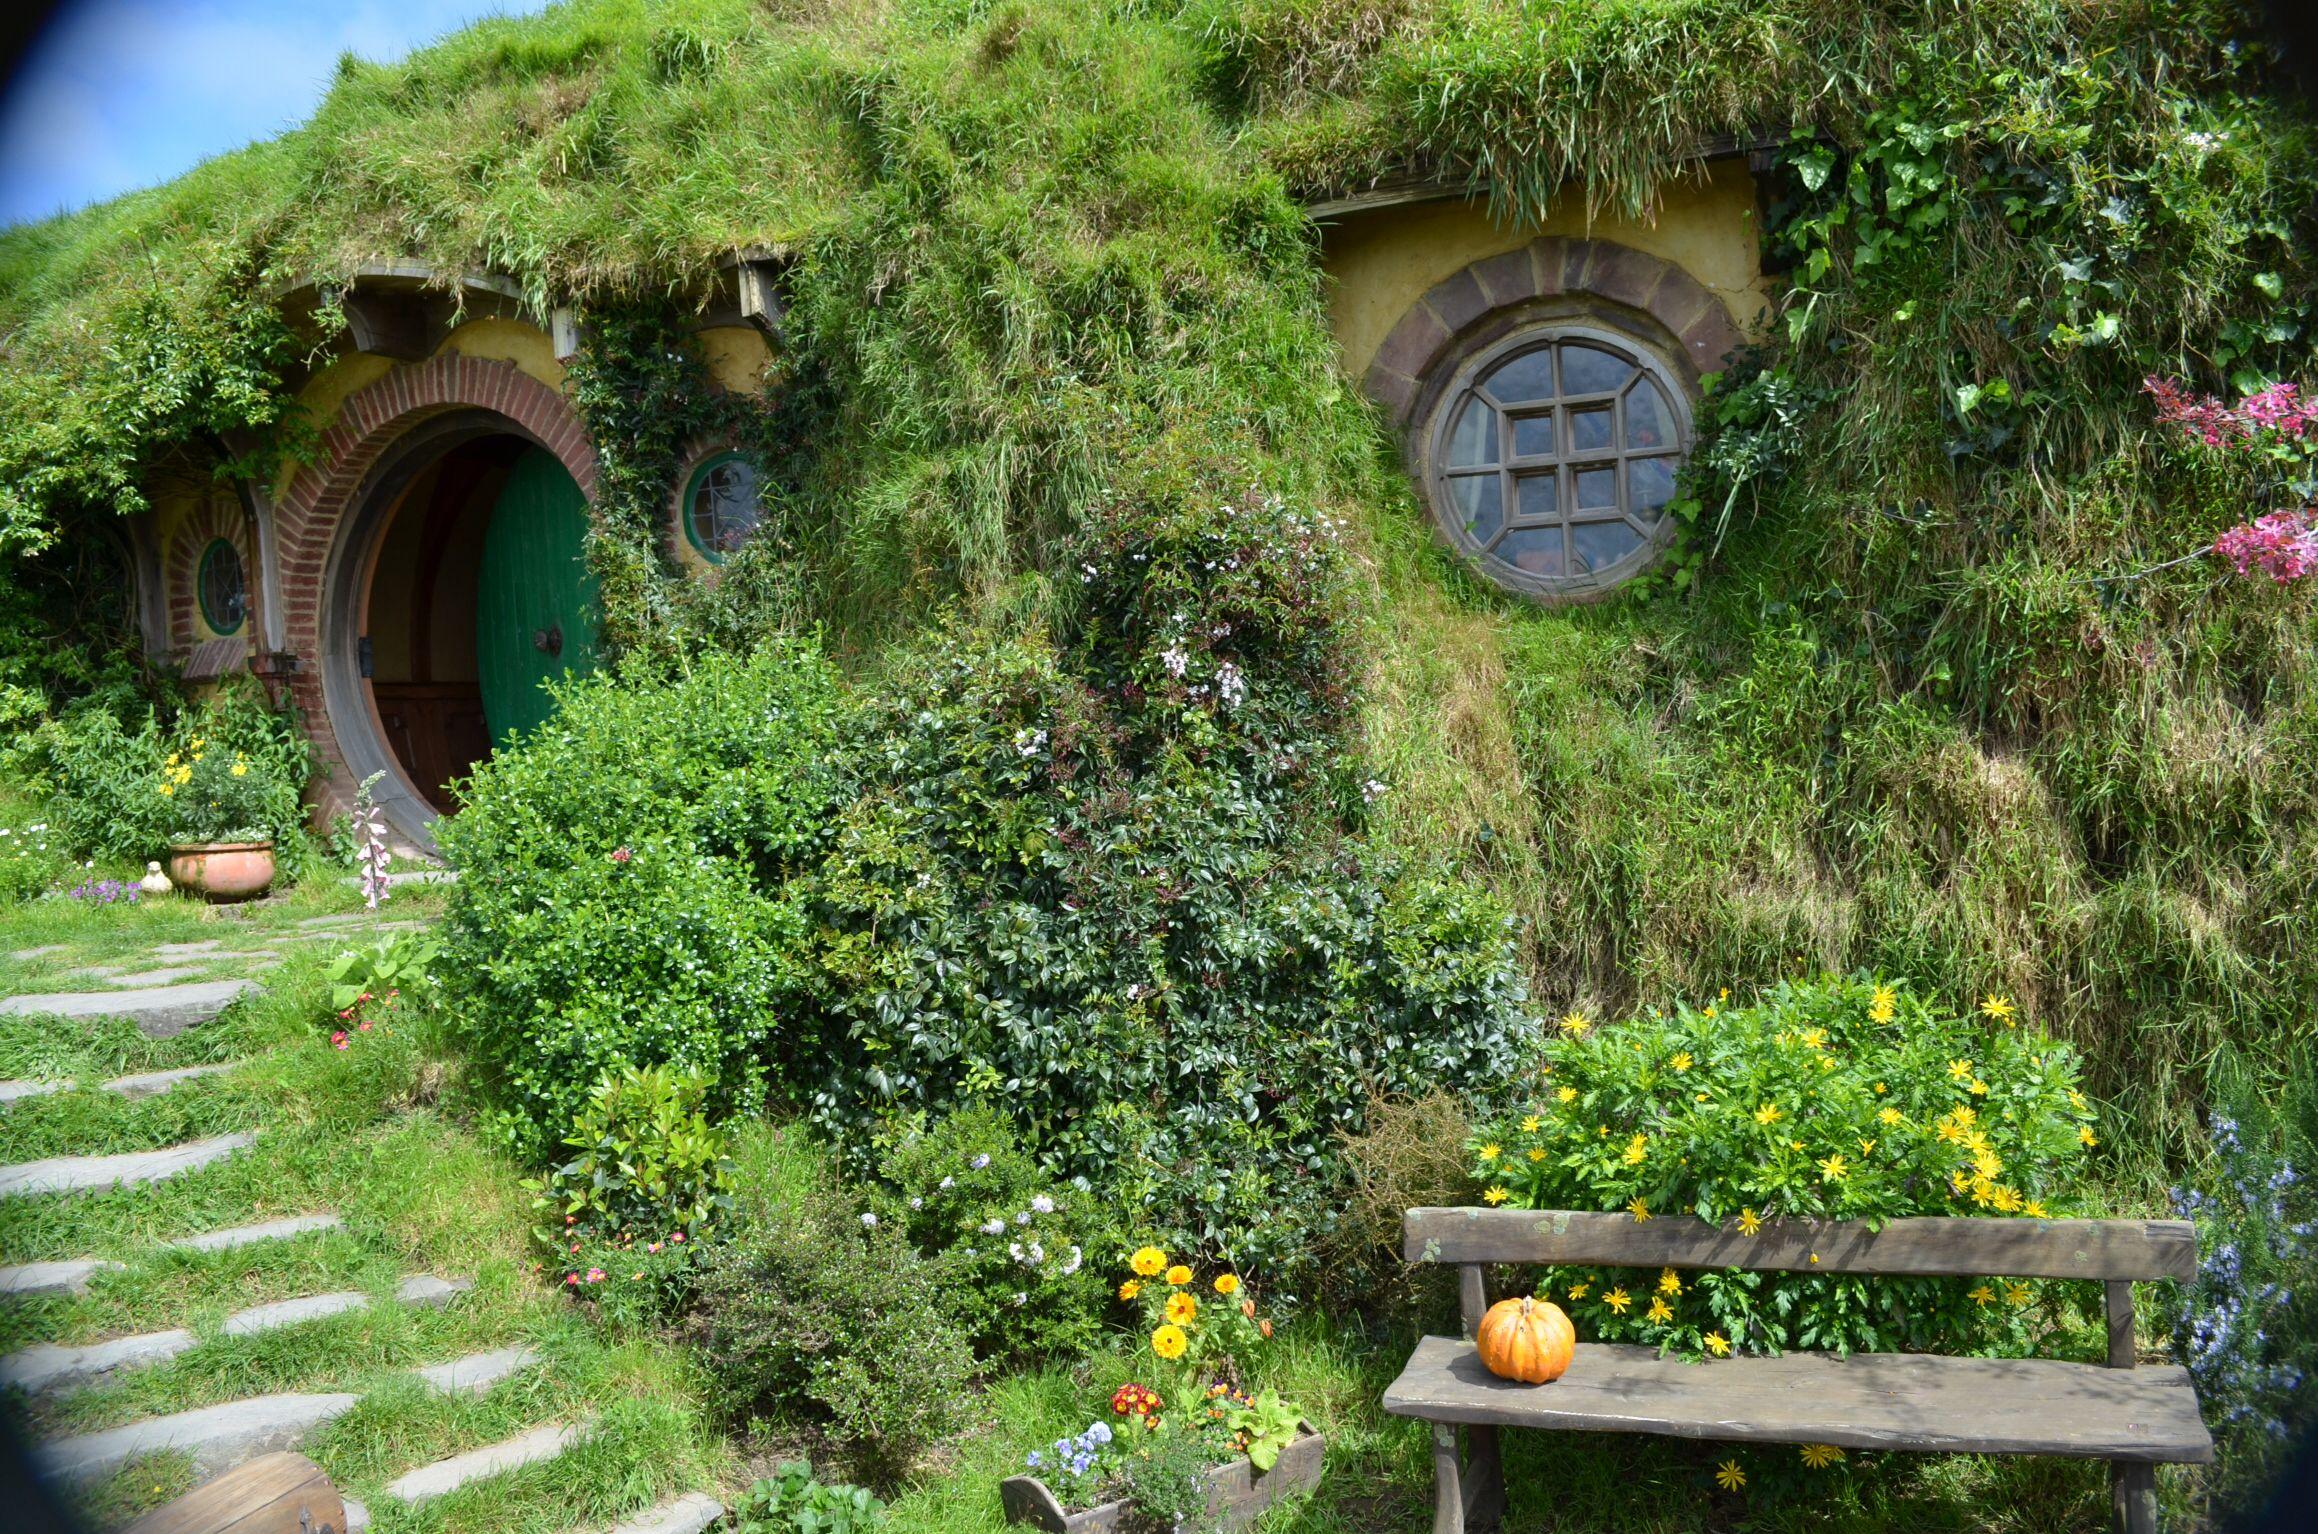 Bilbo Baggins' house, Hobbiton, Matamata, New Zealand (With images ...